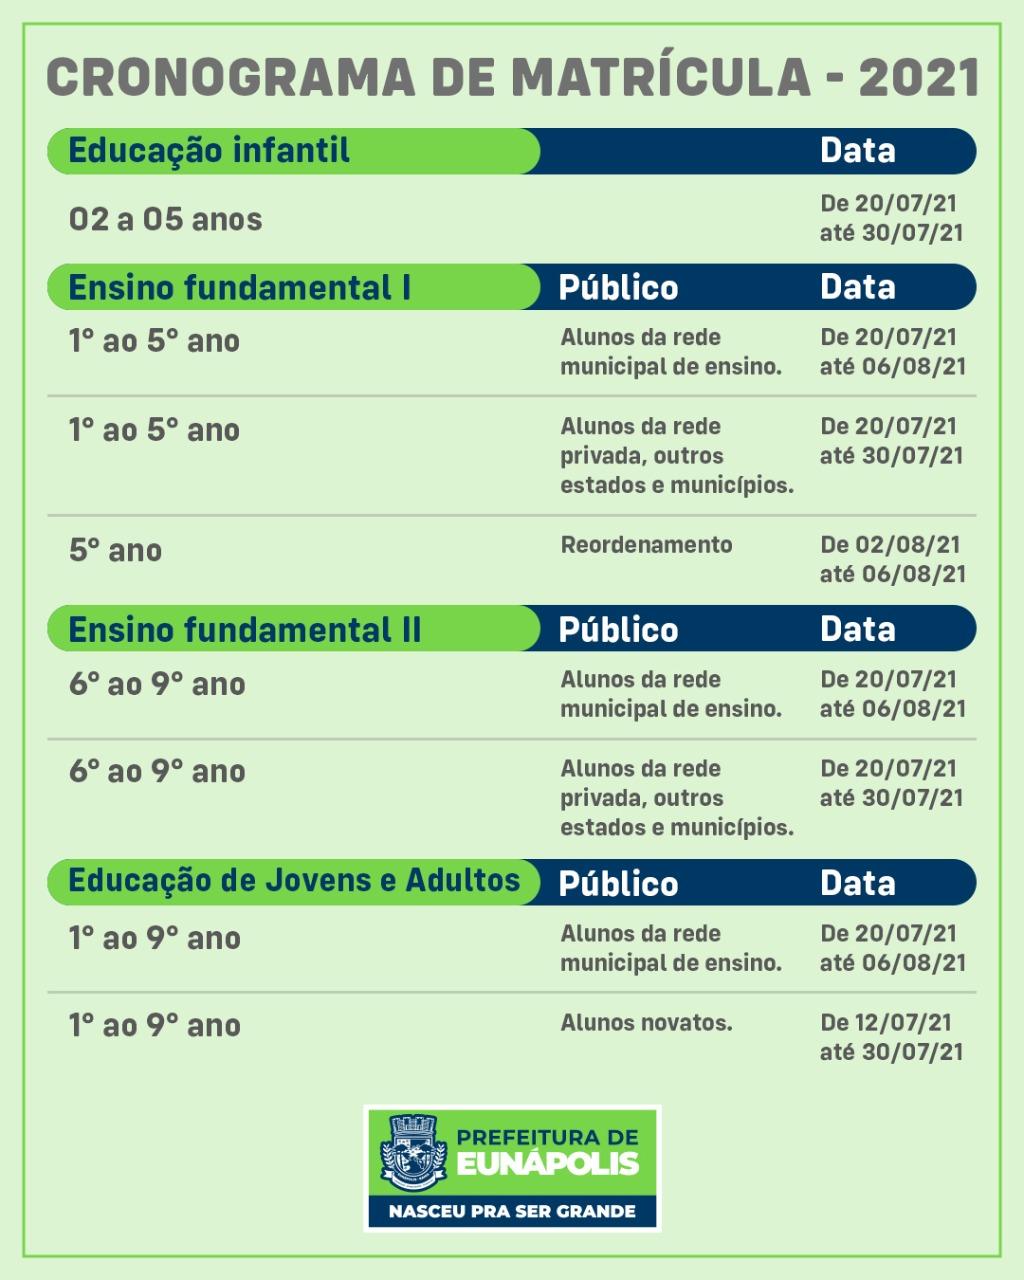 Cronograma de matrículas para o ano letivo 2021 em Eunápolis